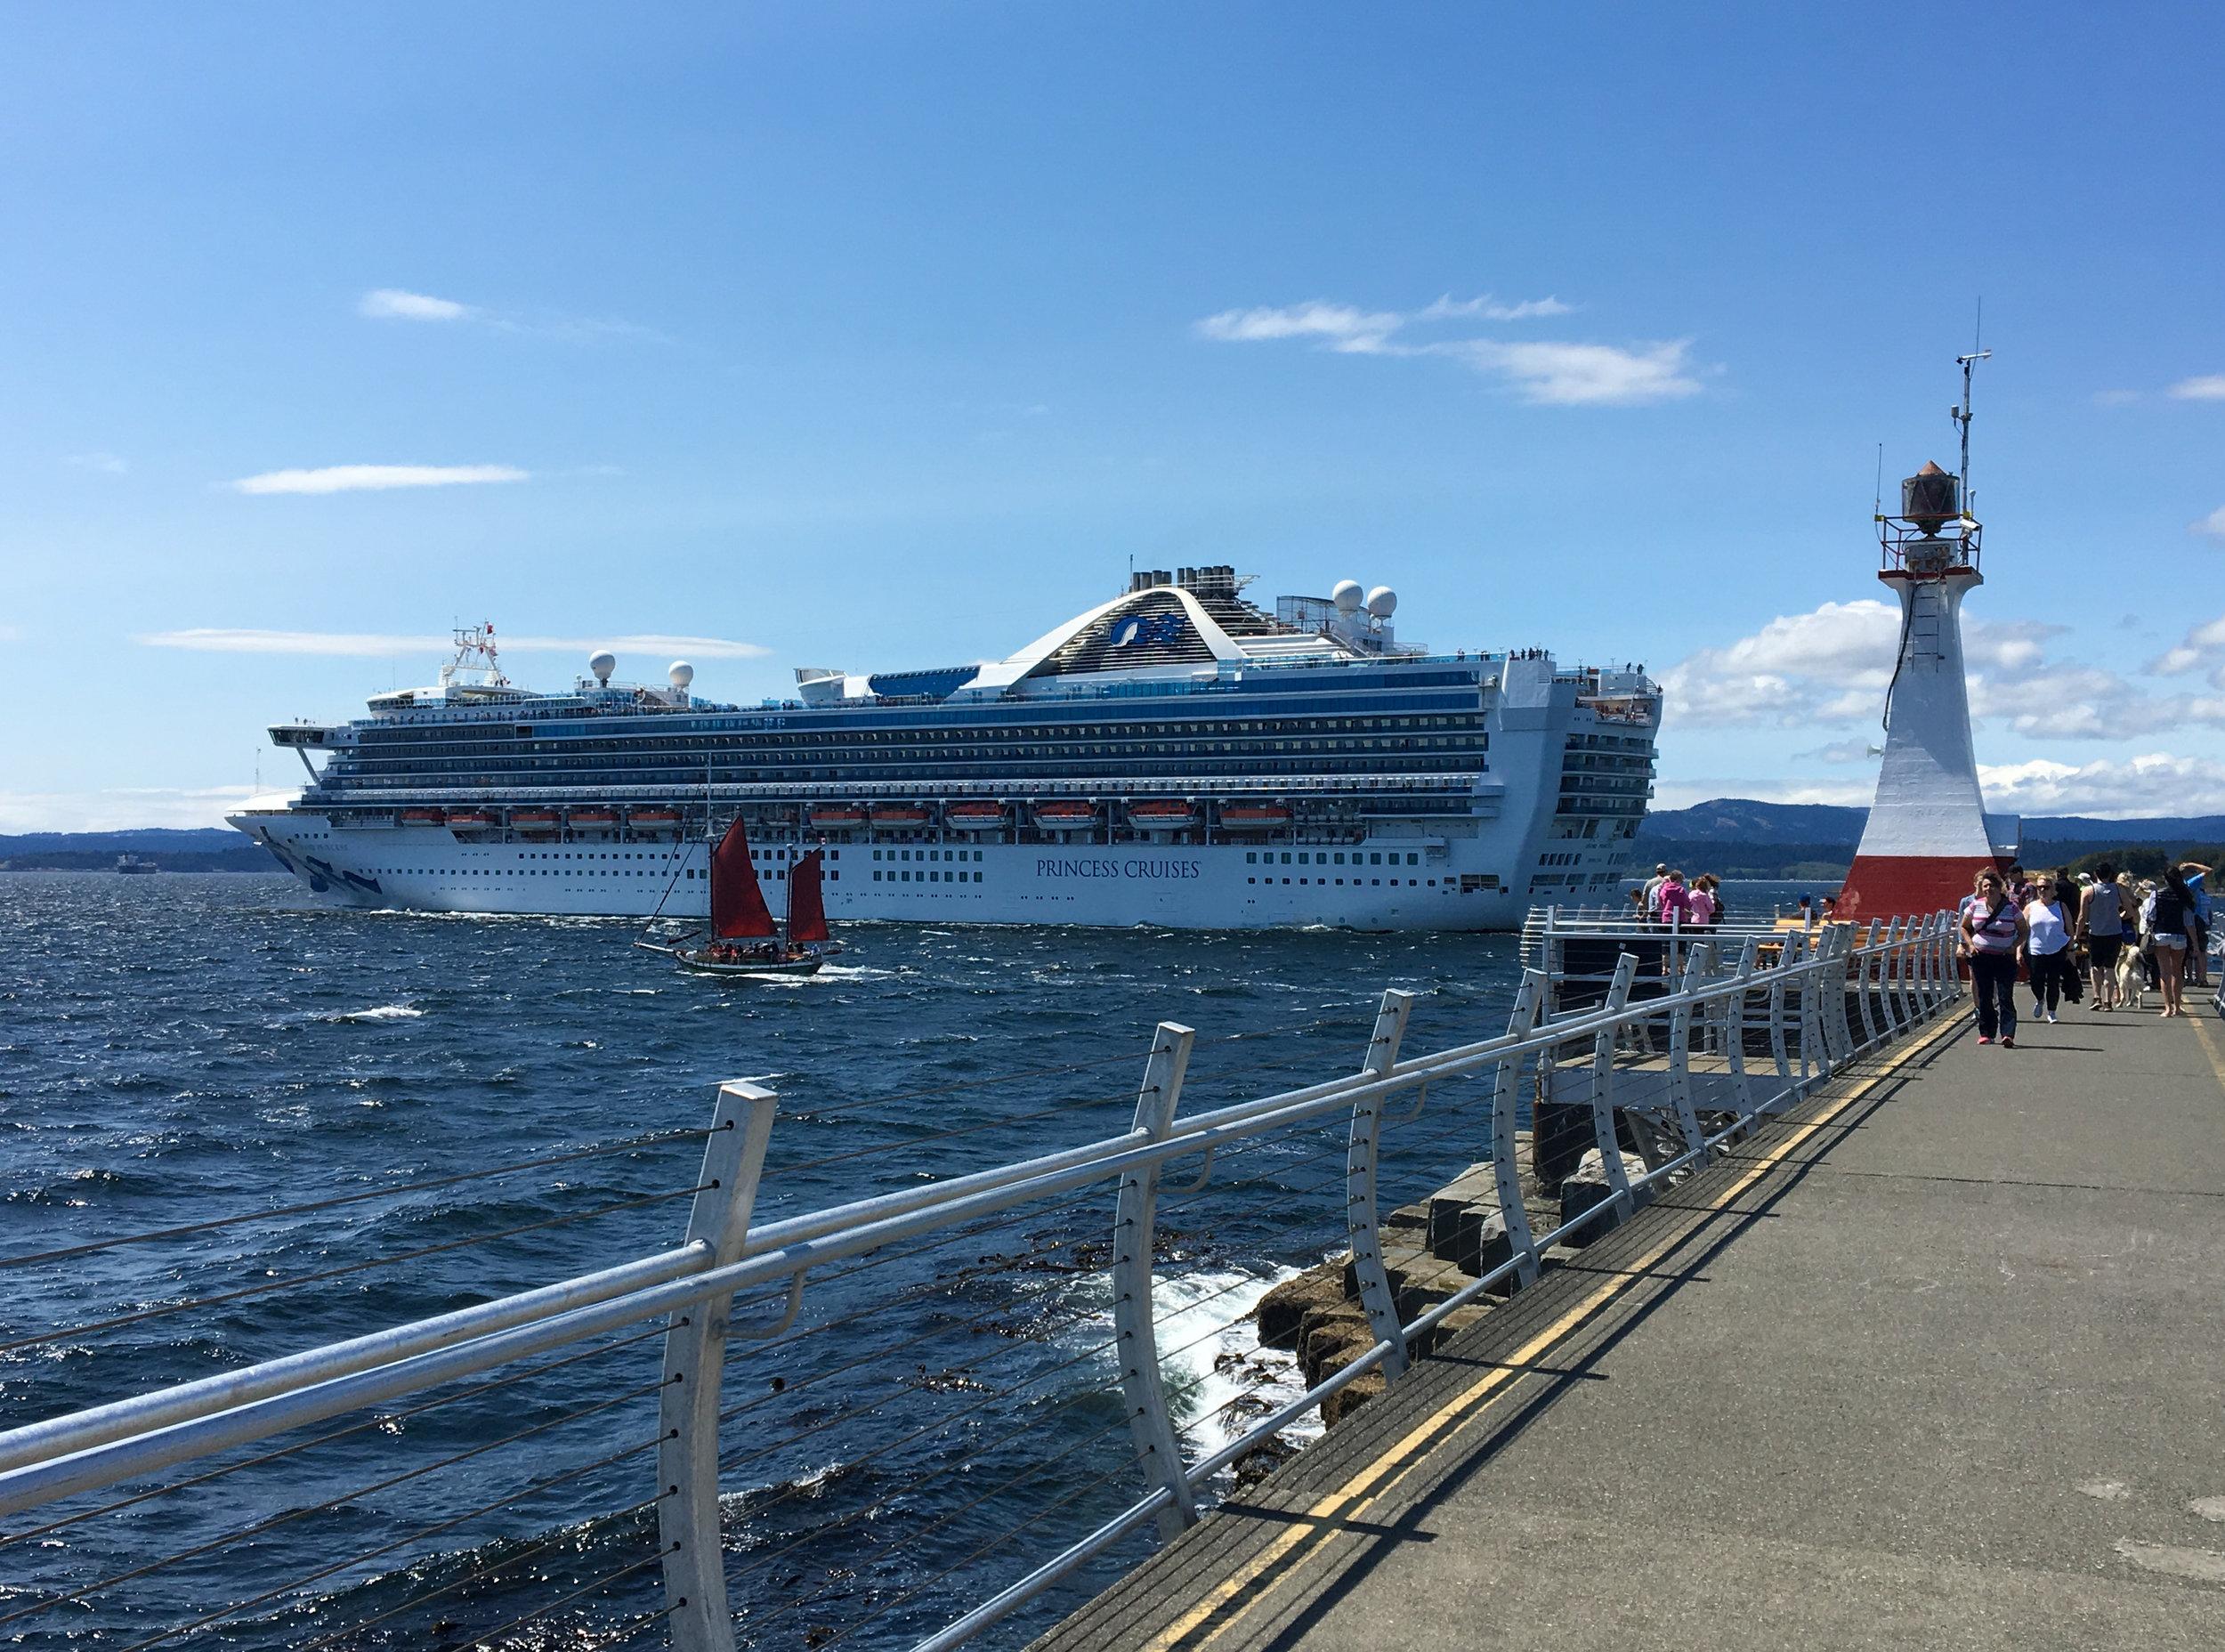 Victoria Harbor Cruise Terminal